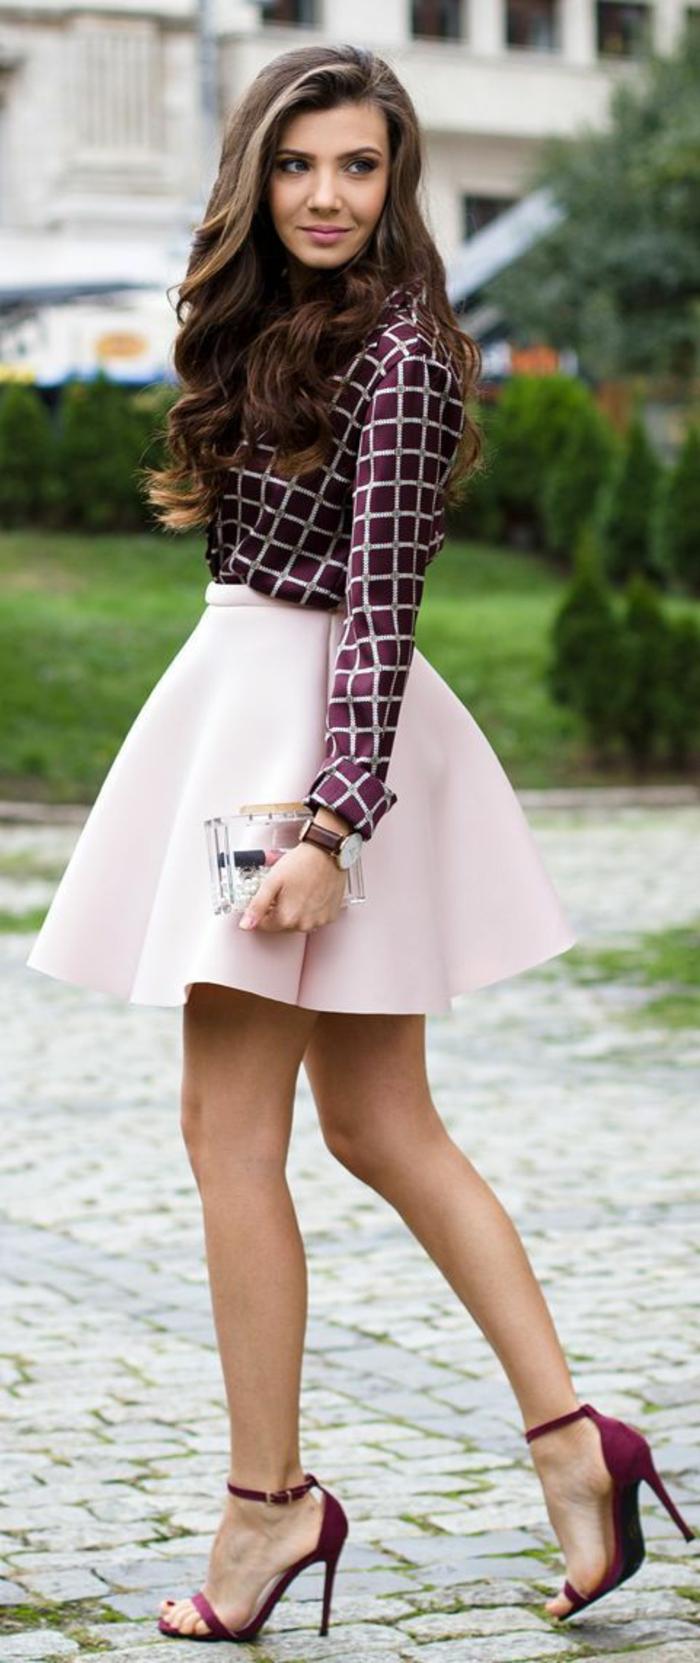 Formidable tenue ceremonie femme pantalon idée cool rose jupe